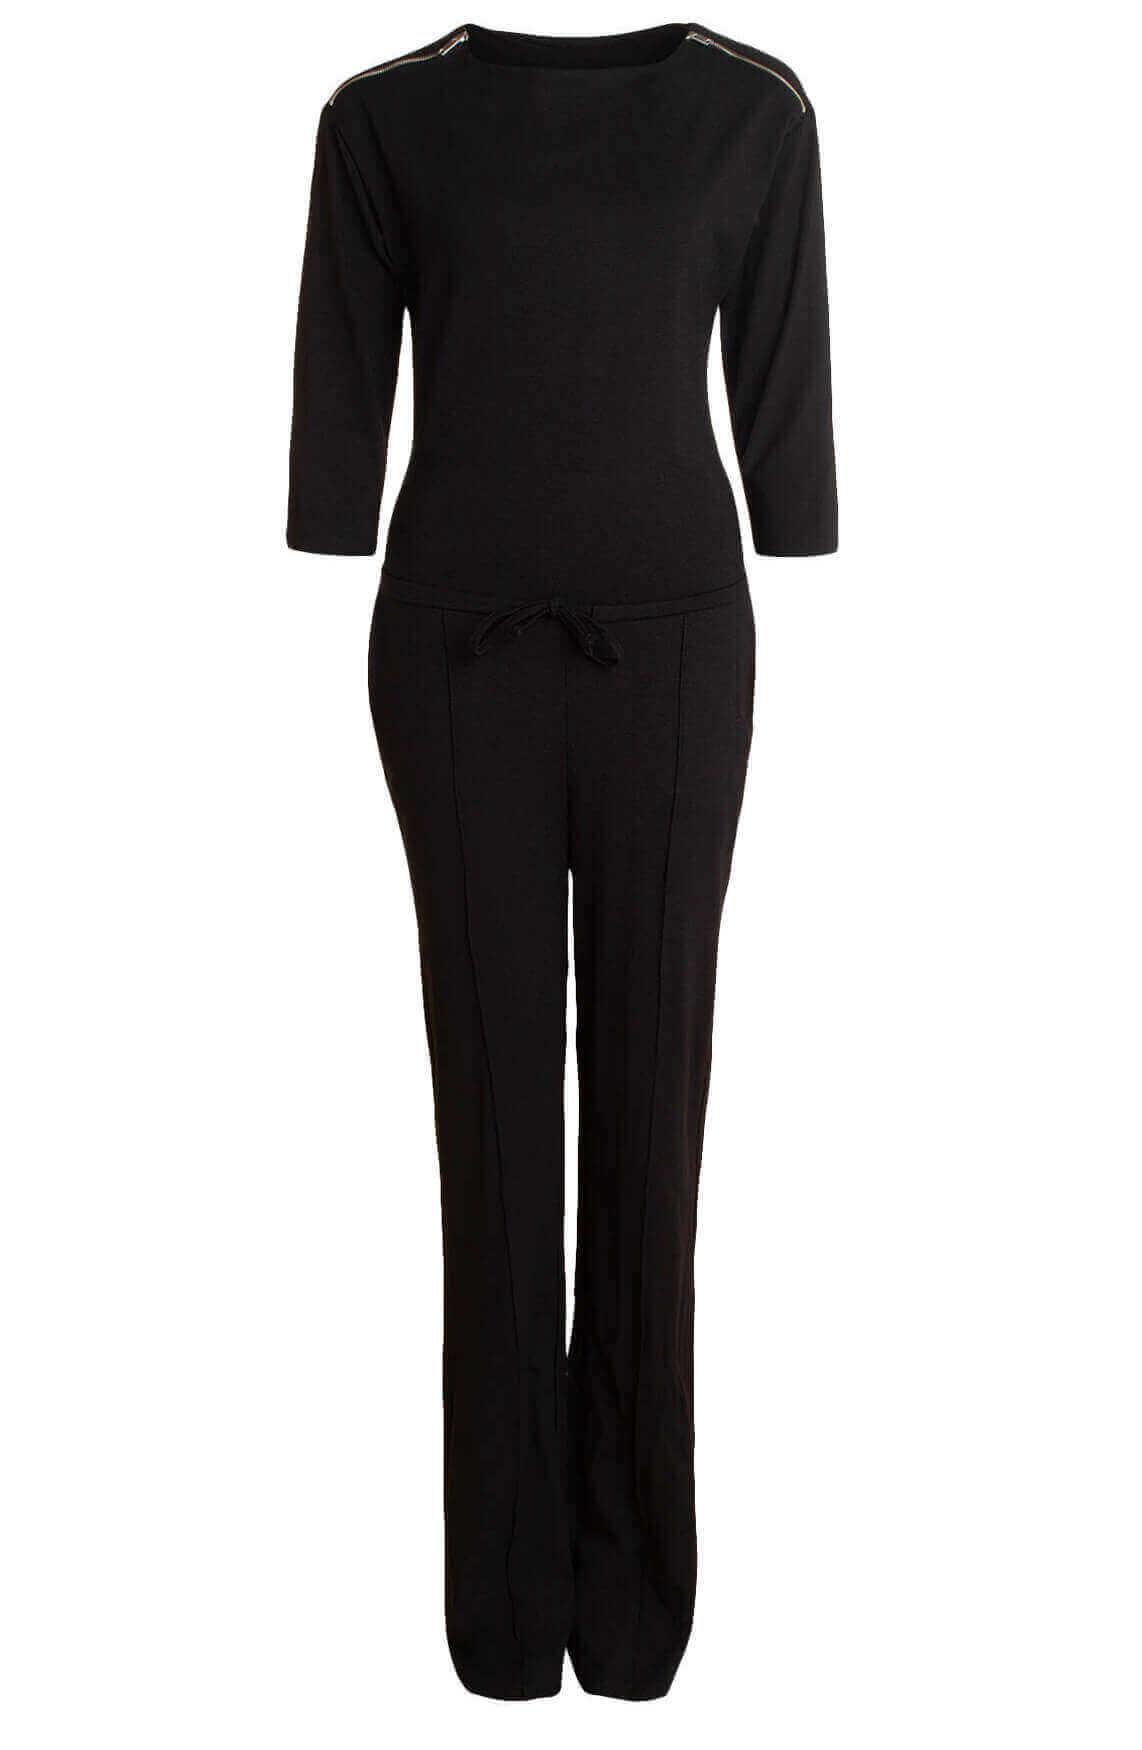 Anna Dames Jumpsuit met ritsen zwart